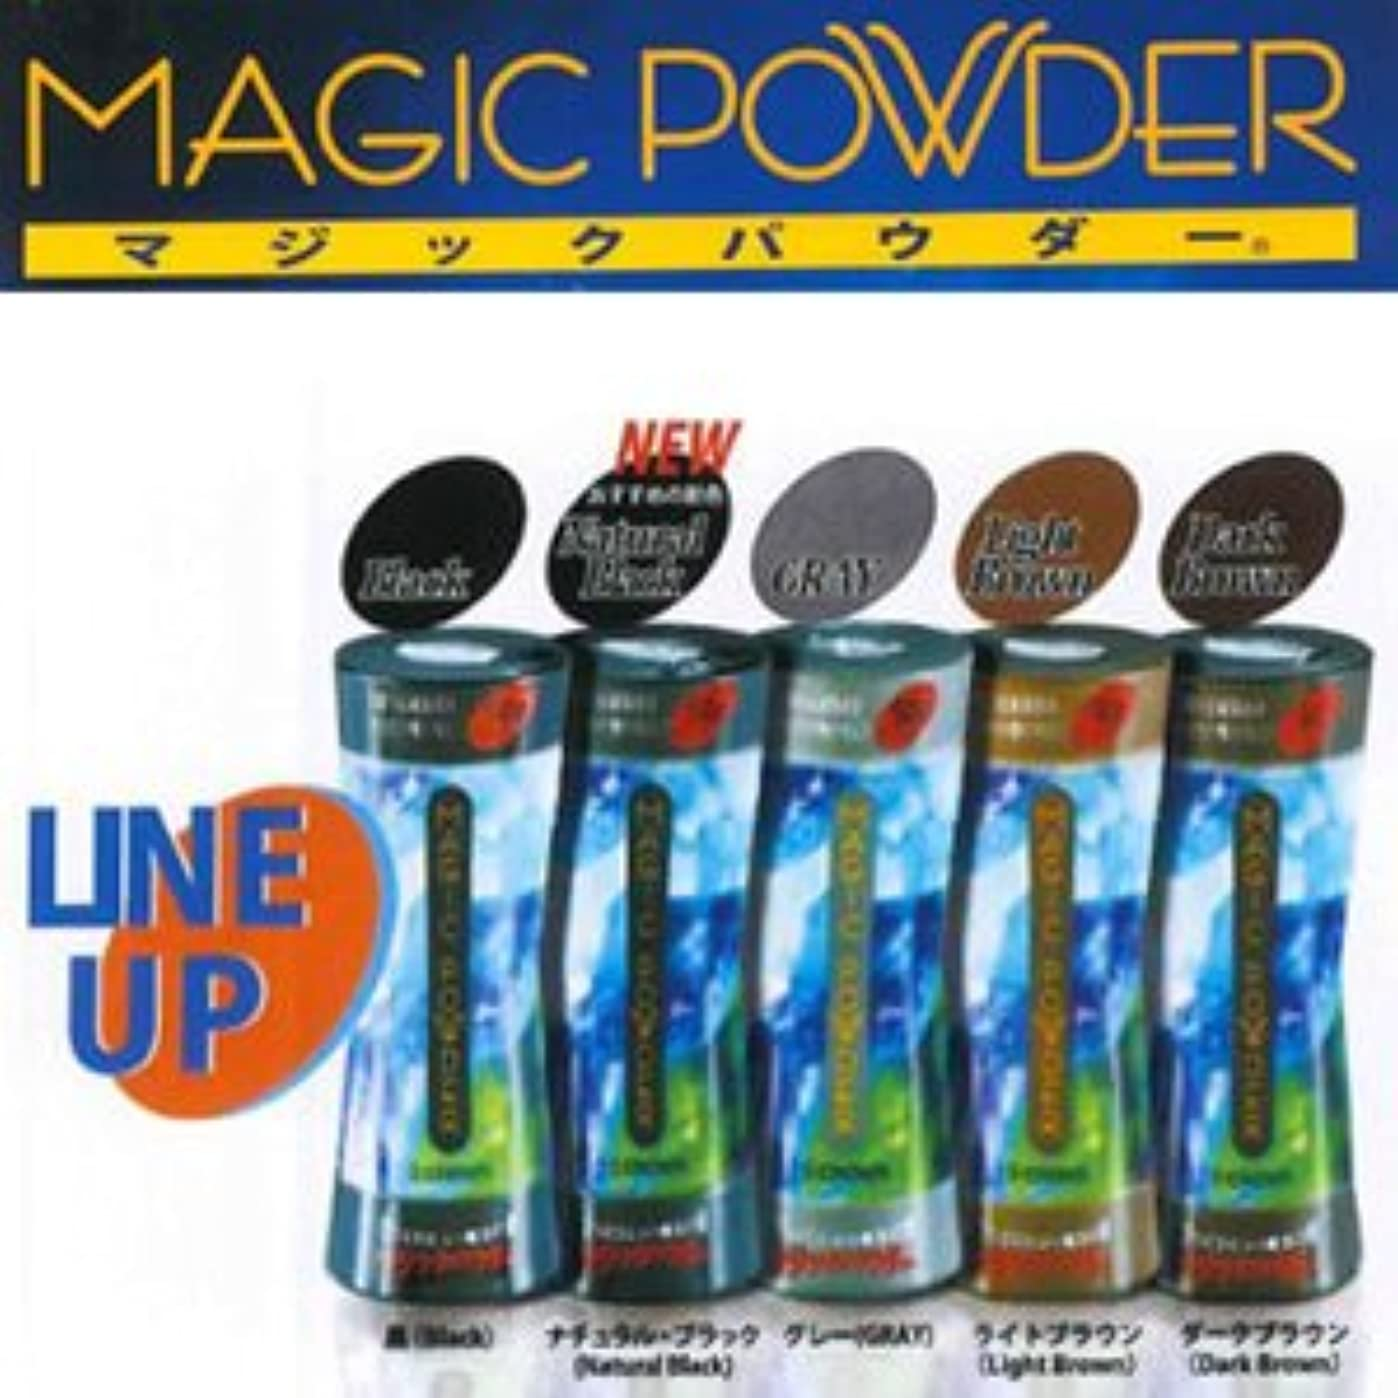 挑むあごひげ流すMAGIC POWDER マジックパウダー ブラック 50g  ※貴方の髪を簡単ボリュームアップ!